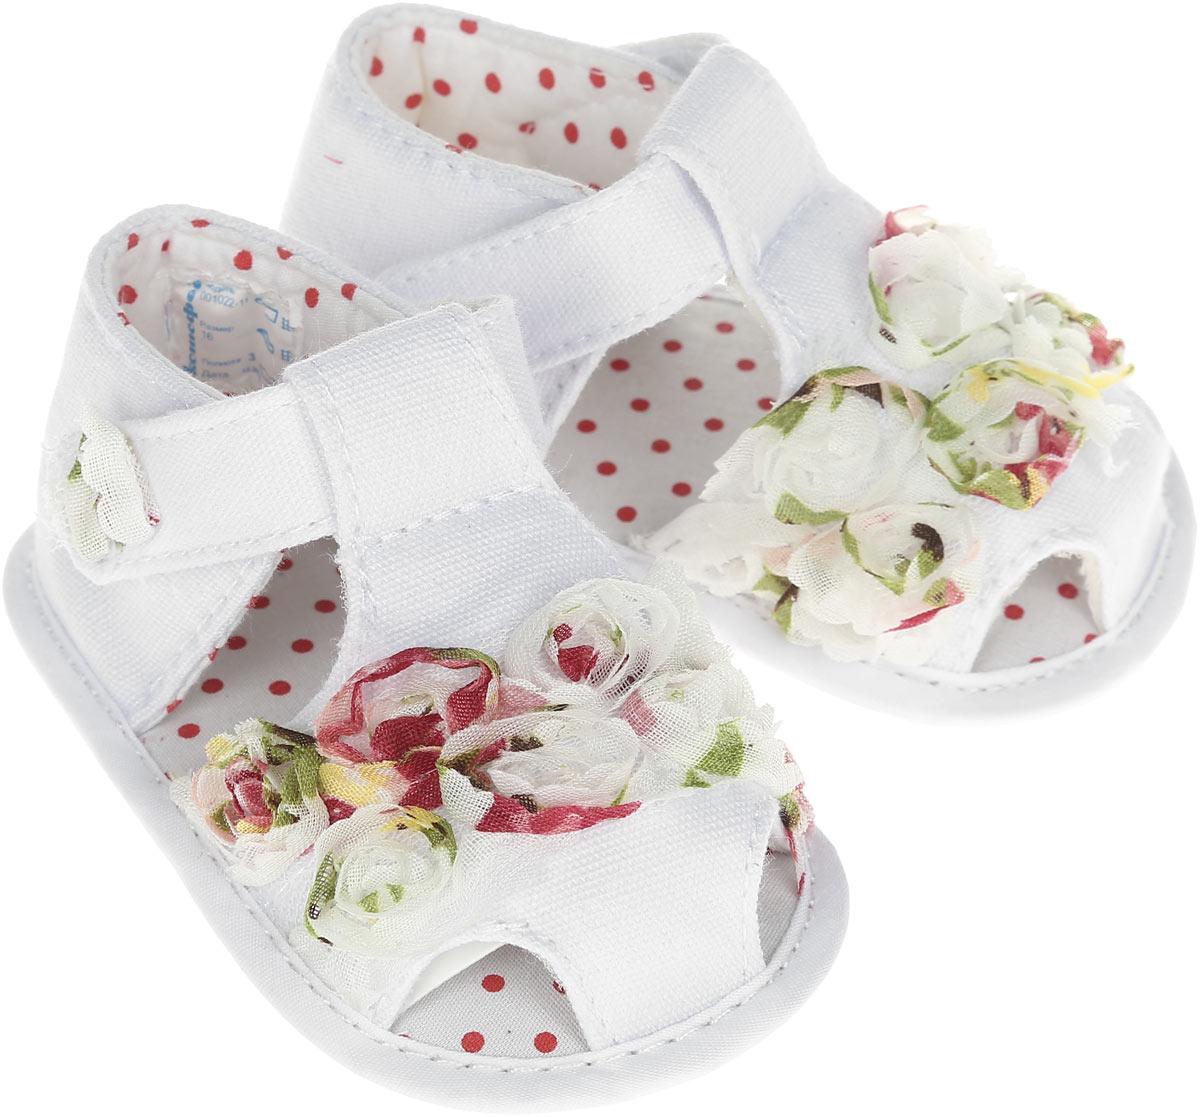 Пинетки для девочки. 001022001022-11Стильные и модные пинетки для девочки Котофей великолепно дополнят наряд маленькой модницы. В них ваша малышка будет чувствовать себя комфортно и непринужденно. Мягкий, приятный на ощупь и умеренно эластичный материал бережно удерживает ножку ребенка и обеспечивает необходимую циркуляцию воздуха и гигроскопичность. Пинетки легко надеваются и снимаются, а движения стопы в них остаются свободными. Модель дополнена хлястиками с липучками, которые надежно фиксируют пинетки на ножке ребенка и позволяют регулировать их объем. Пинетки декорированы объемными аппликациями в виде цветов. Милые, нежные, удобные и анатомически правильные для формирующейся ножки детские пинетки станут любимой обувью маленькой принцессы.